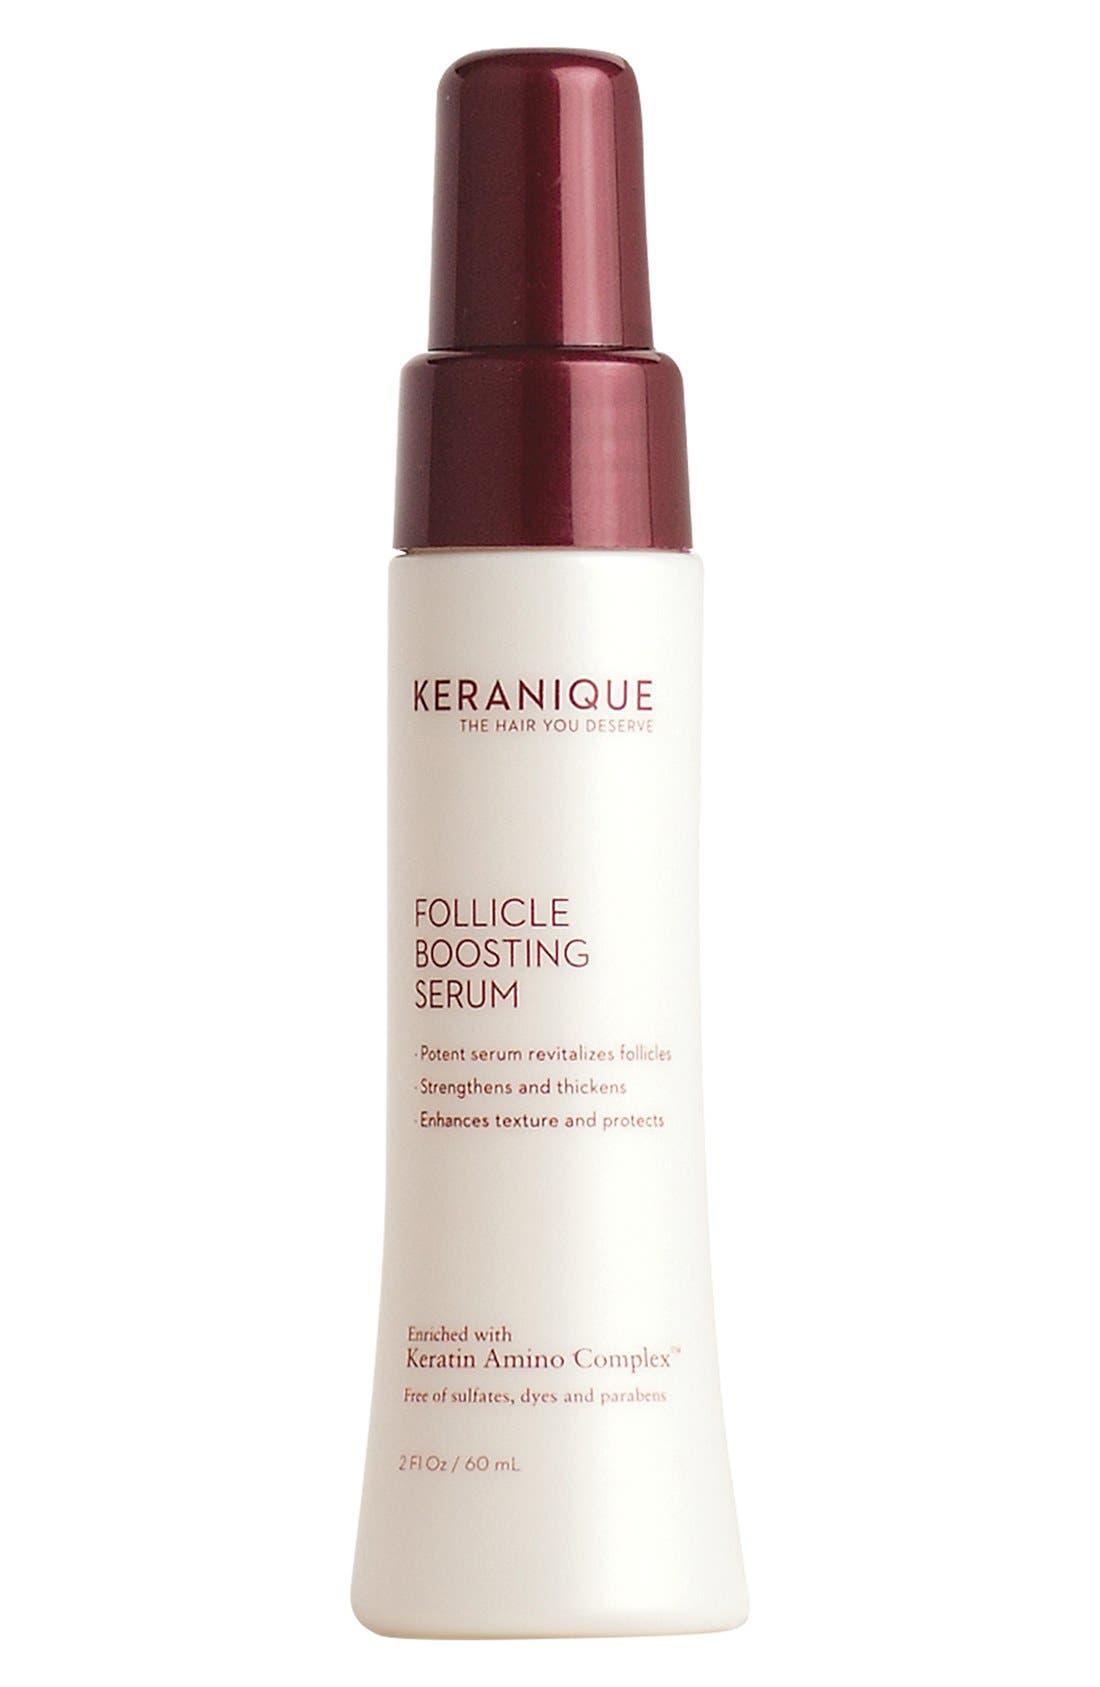 Keranique Follicle Boosting Serum